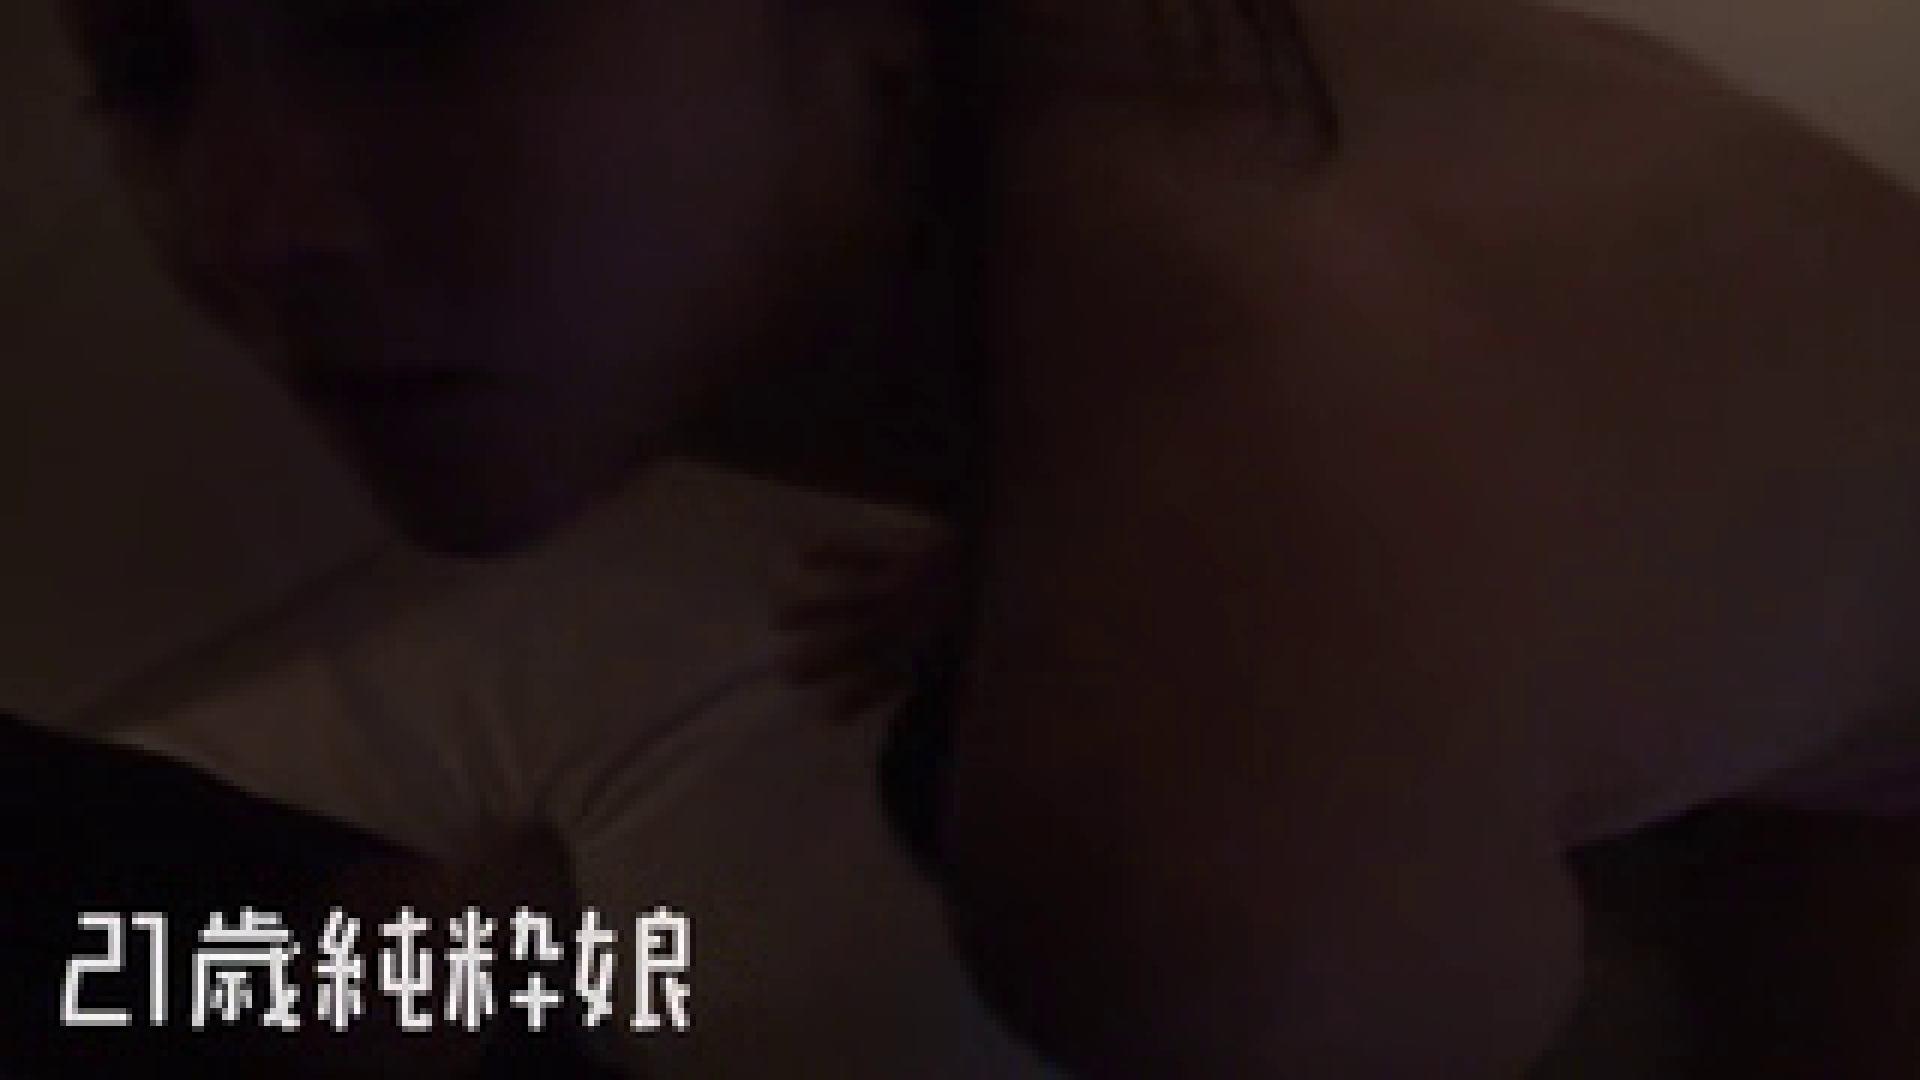 上京したばかりのGカップ21歳純粋嬢を都合の良い女にしてみた4 ホテル 女性器鑑賞 89枚 29